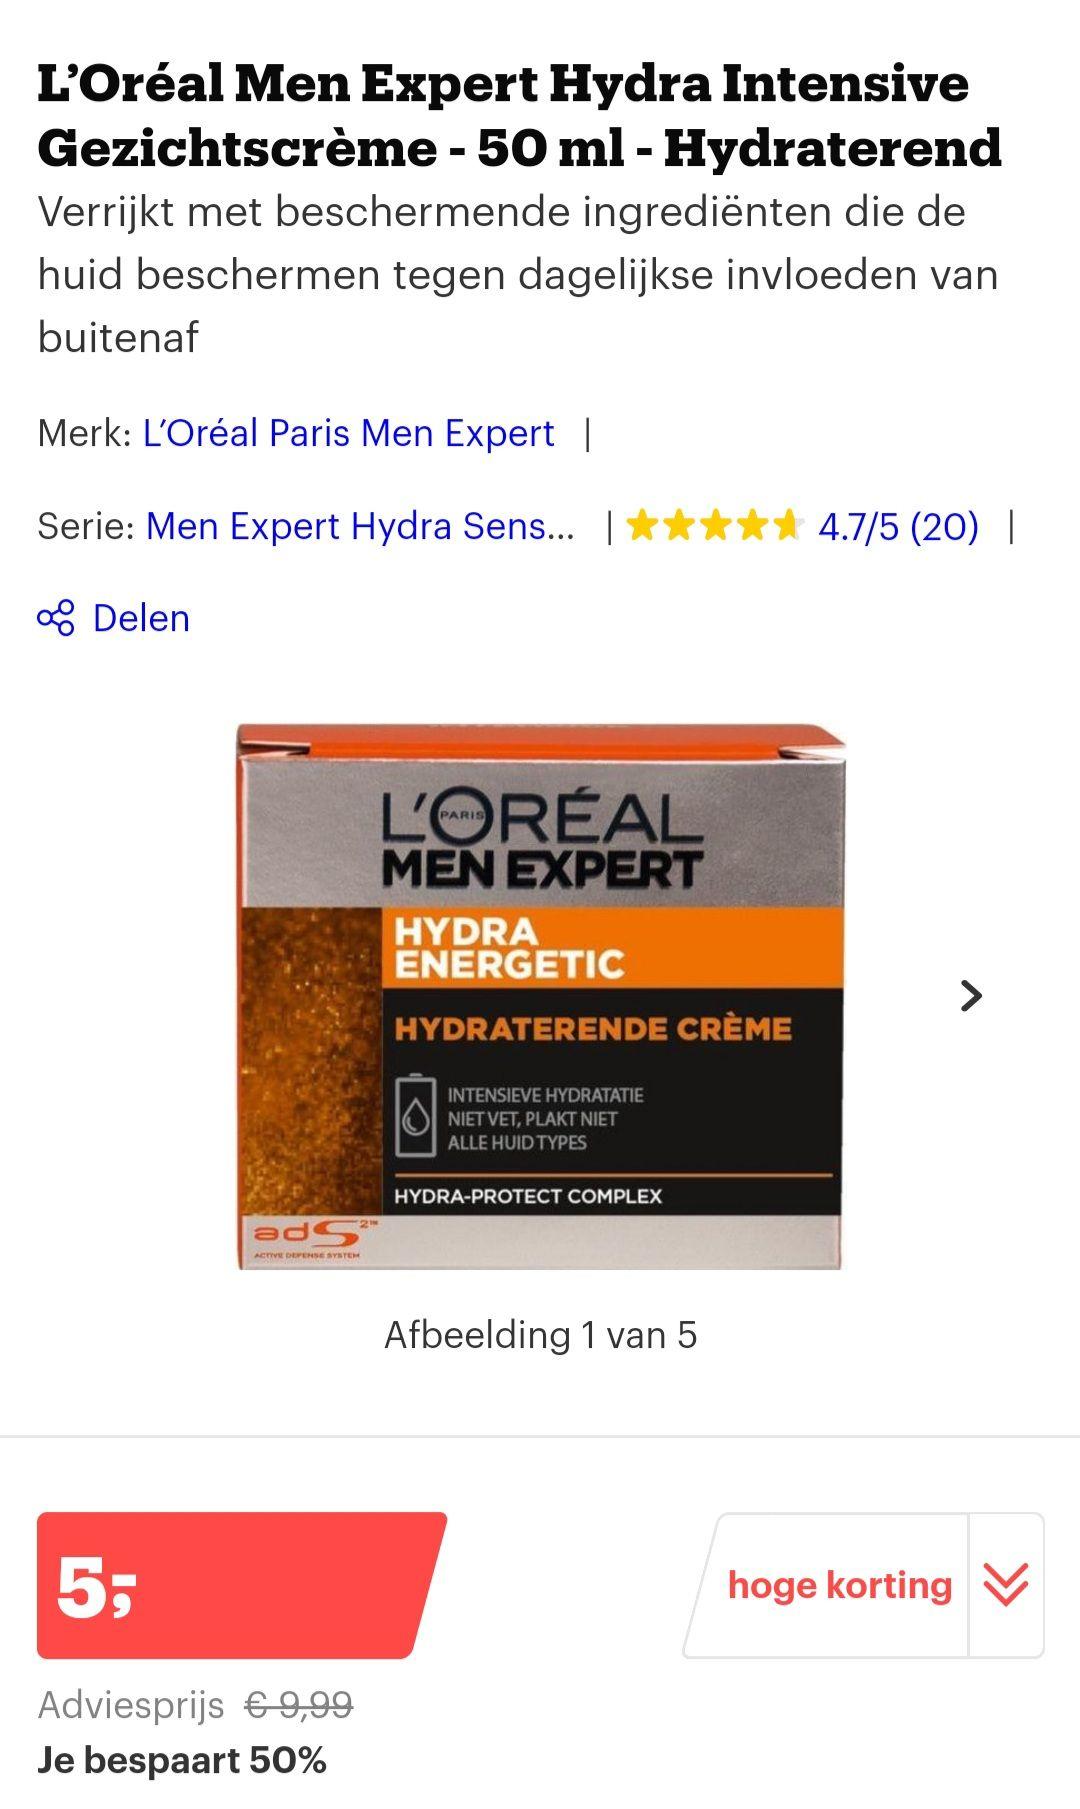 [select] L'Oréal Men Expert Hydra Intensive Gezichtscrème